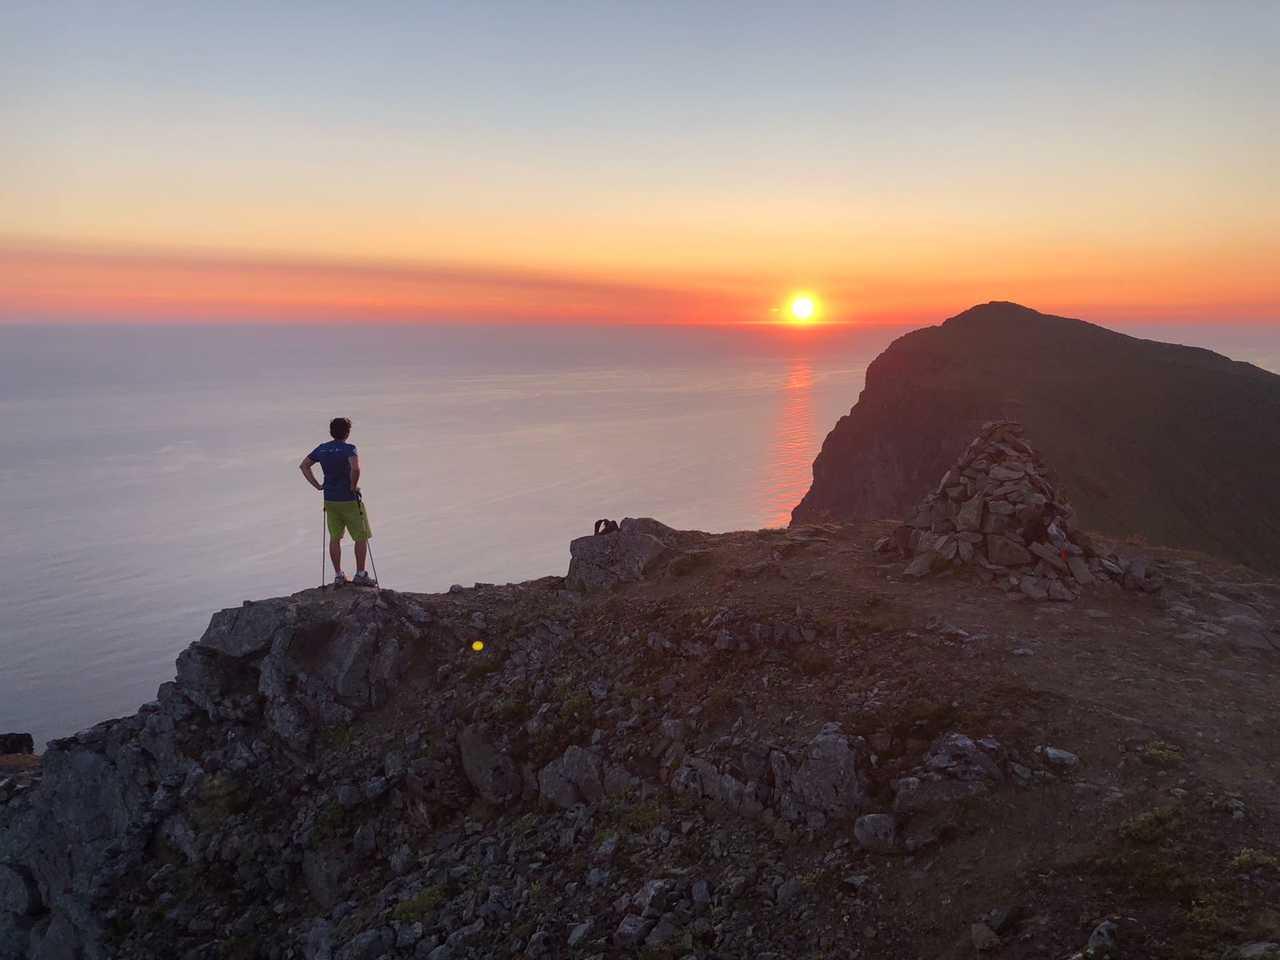 Trek sommet ryten Norvege